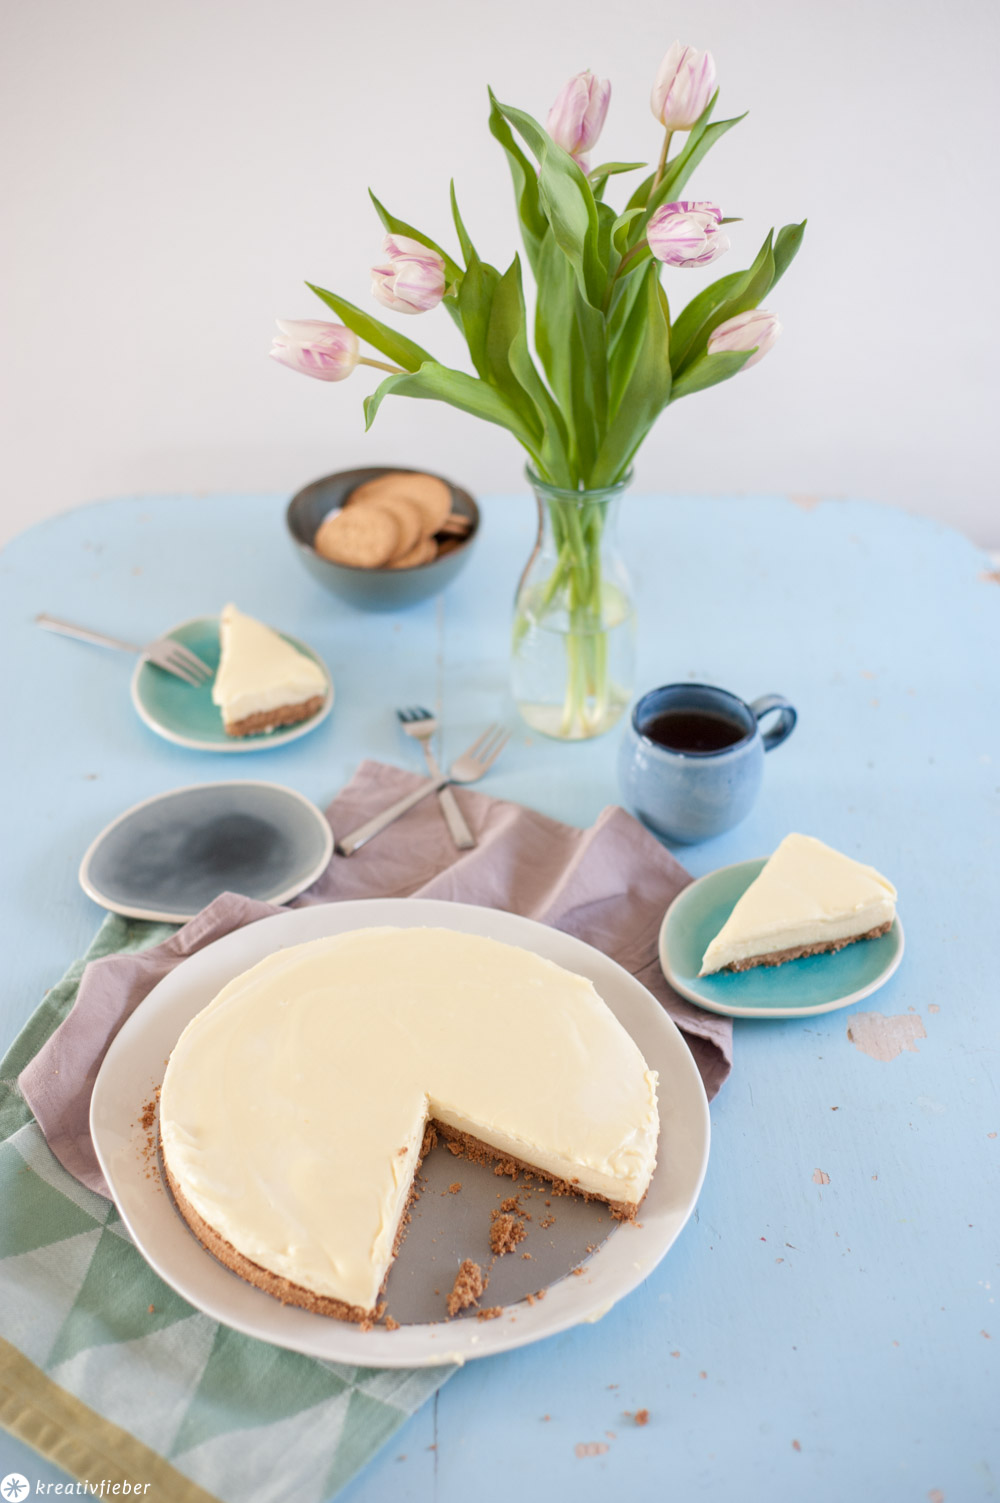 Cheesecake ohne backen mit weißer Schokolade